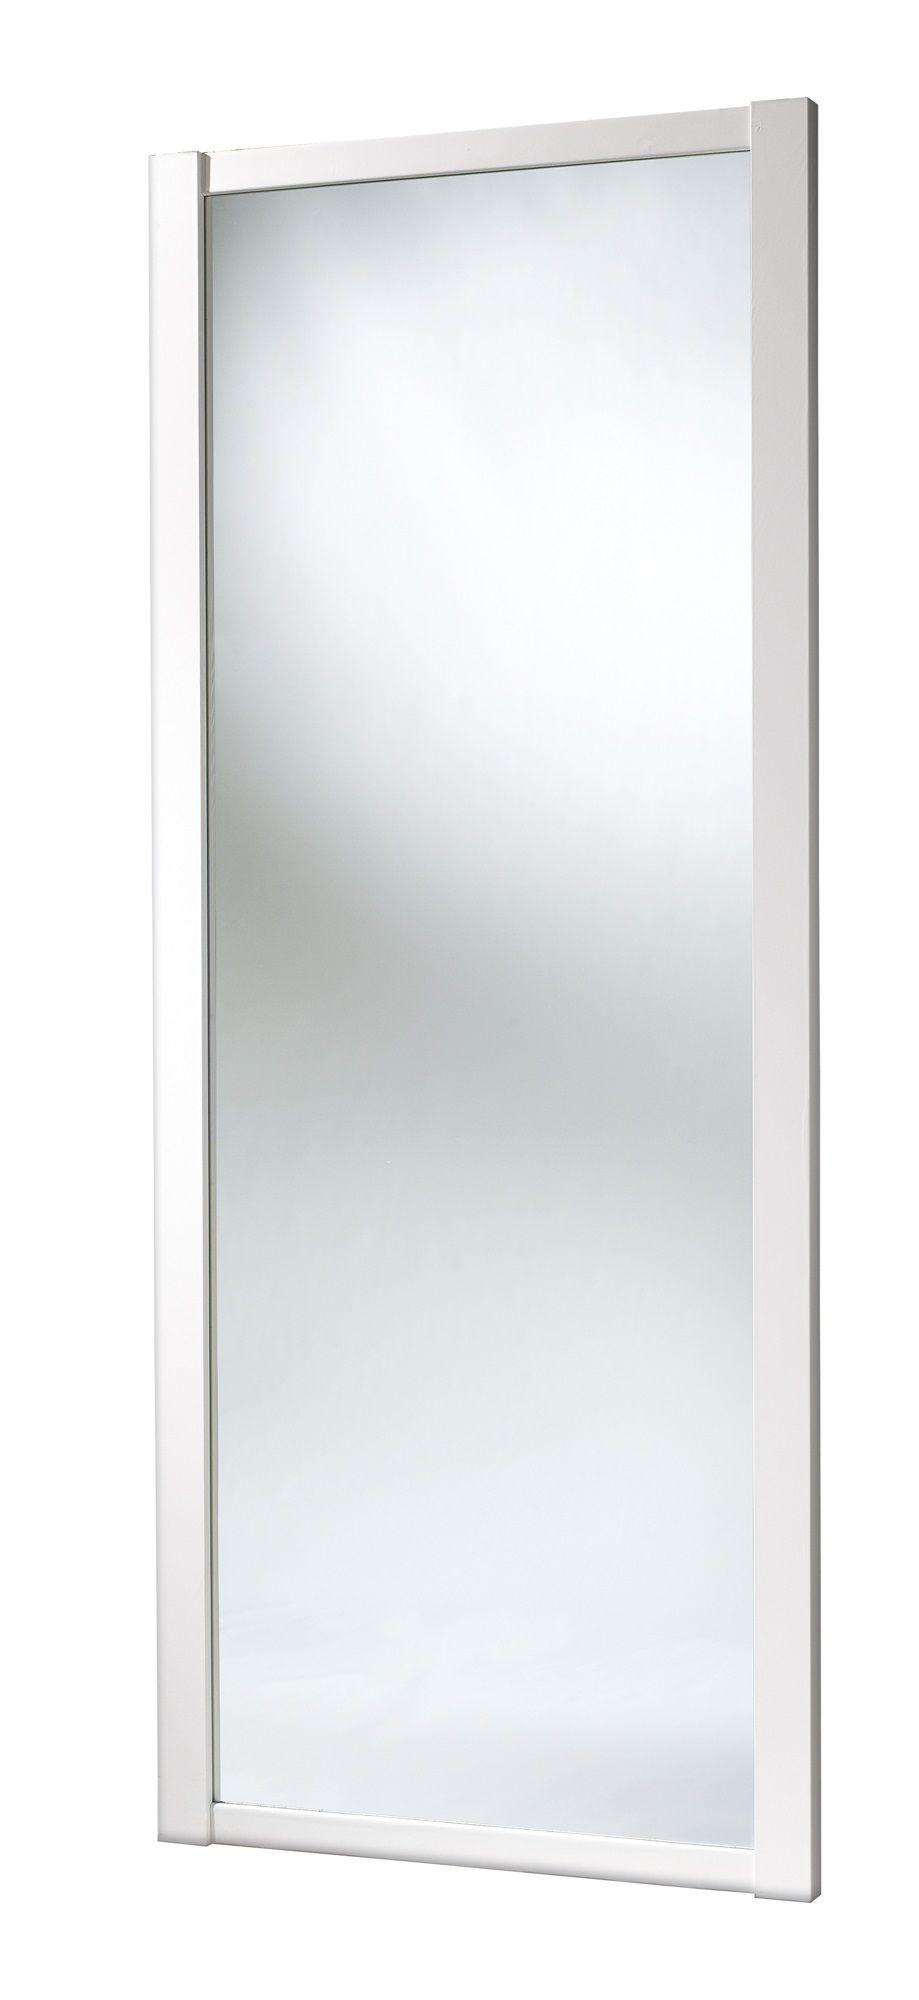 Shaker Full Length Mirror White Sliding Wardrobe Door (h)2220 Mm (w)610mm